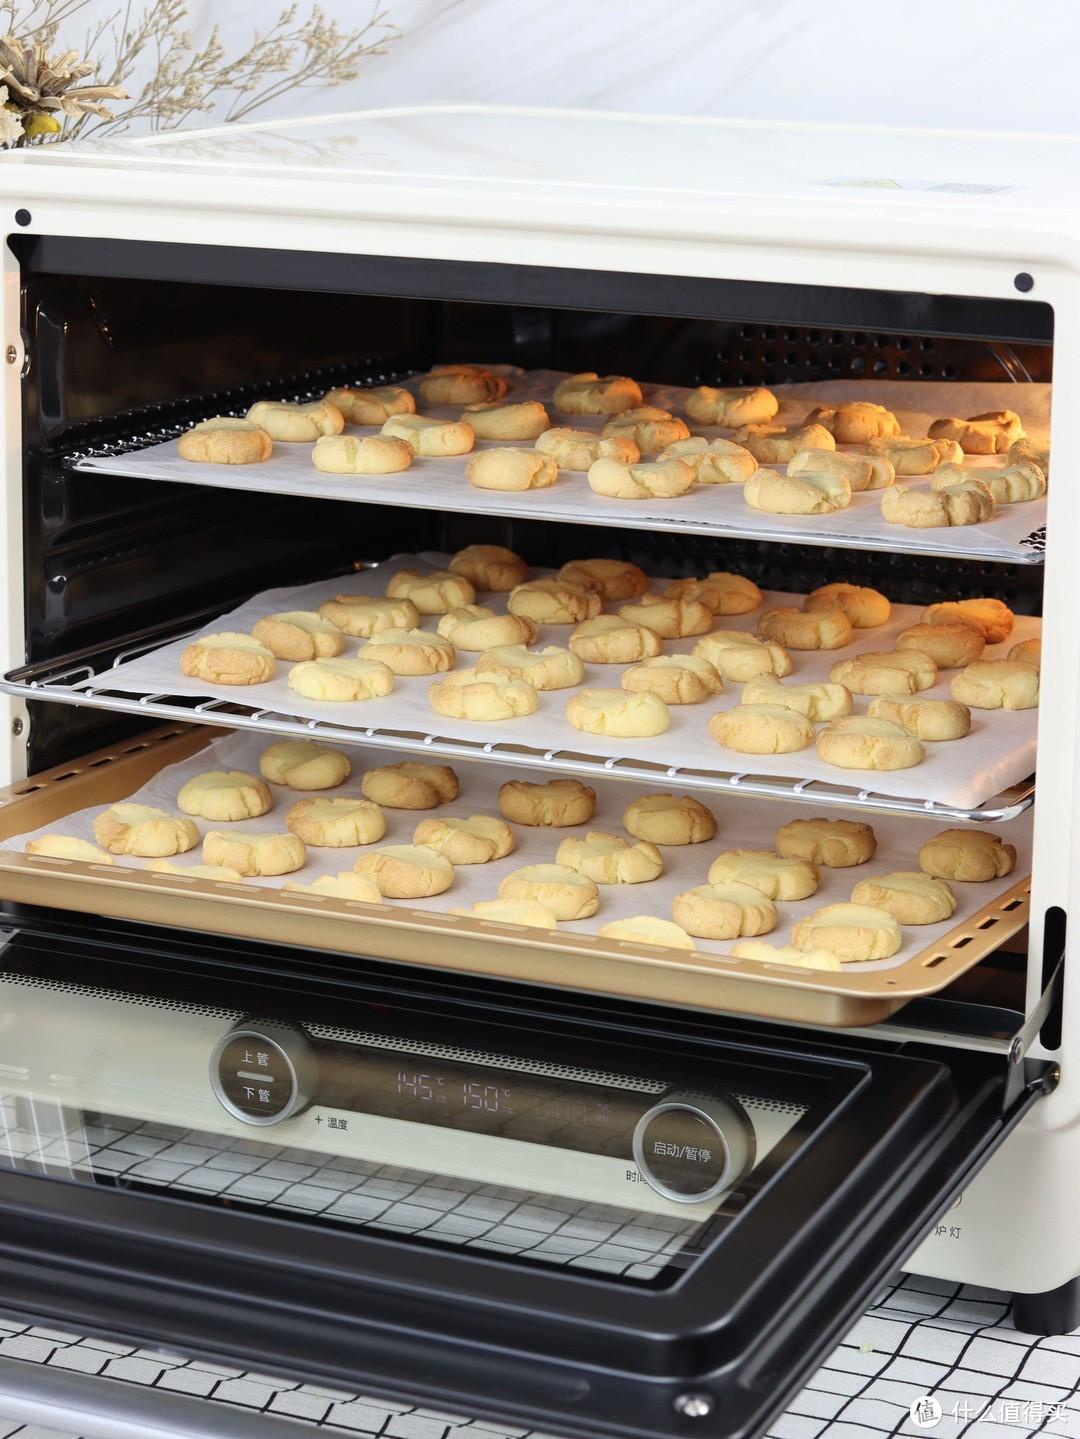 如何选购风炉烤箱?五千字长文告诉你普通烤箱和风炉烤箱怎么选